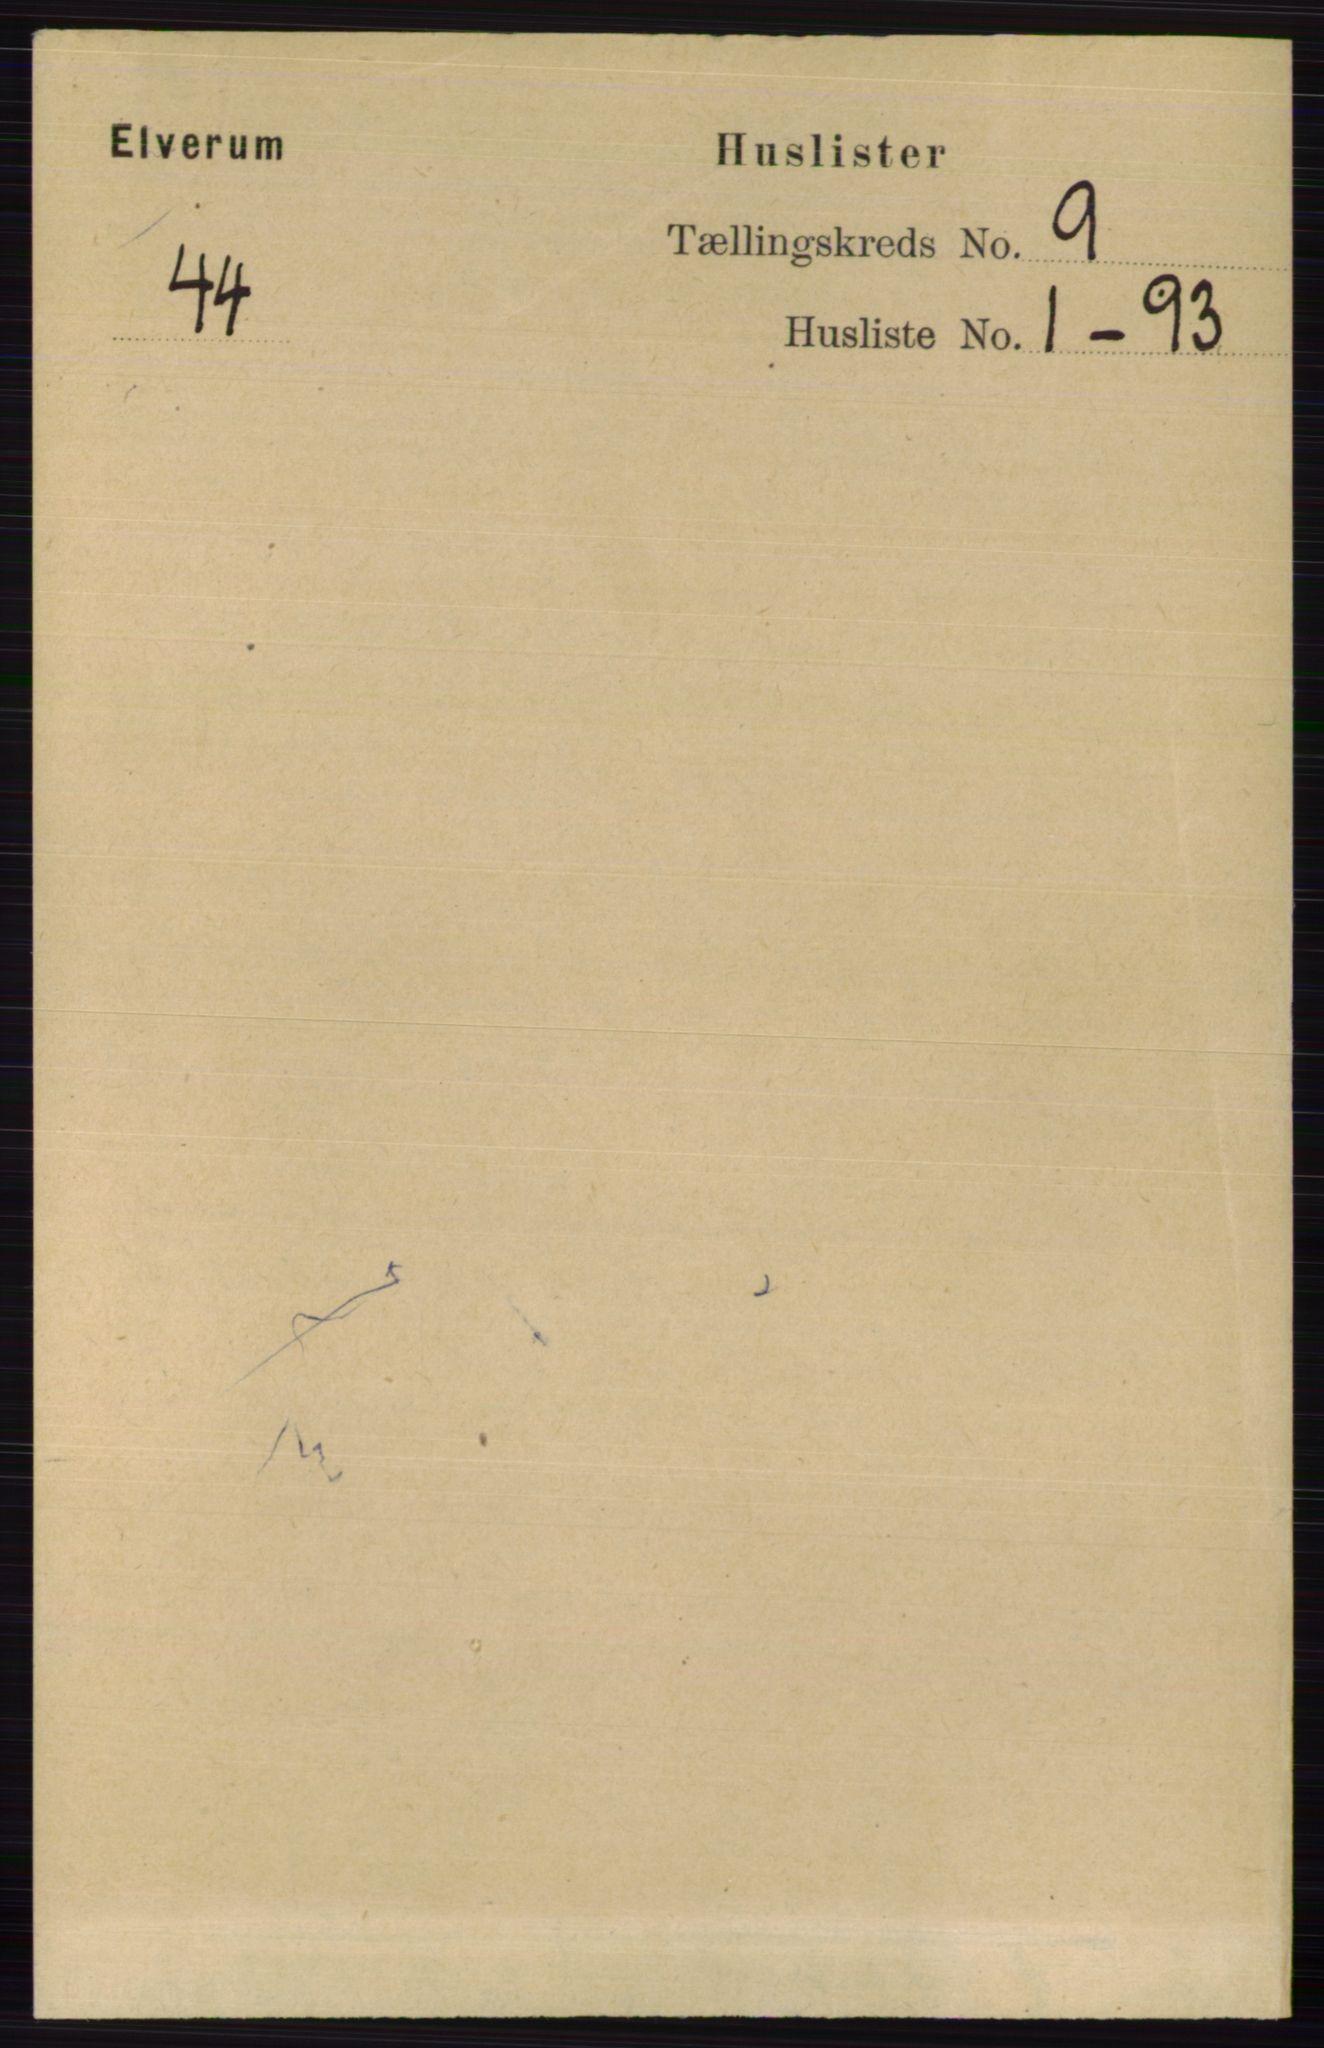 RA, Folketelling 1891 for 0427 Elverum herred, 1891, s. 7602